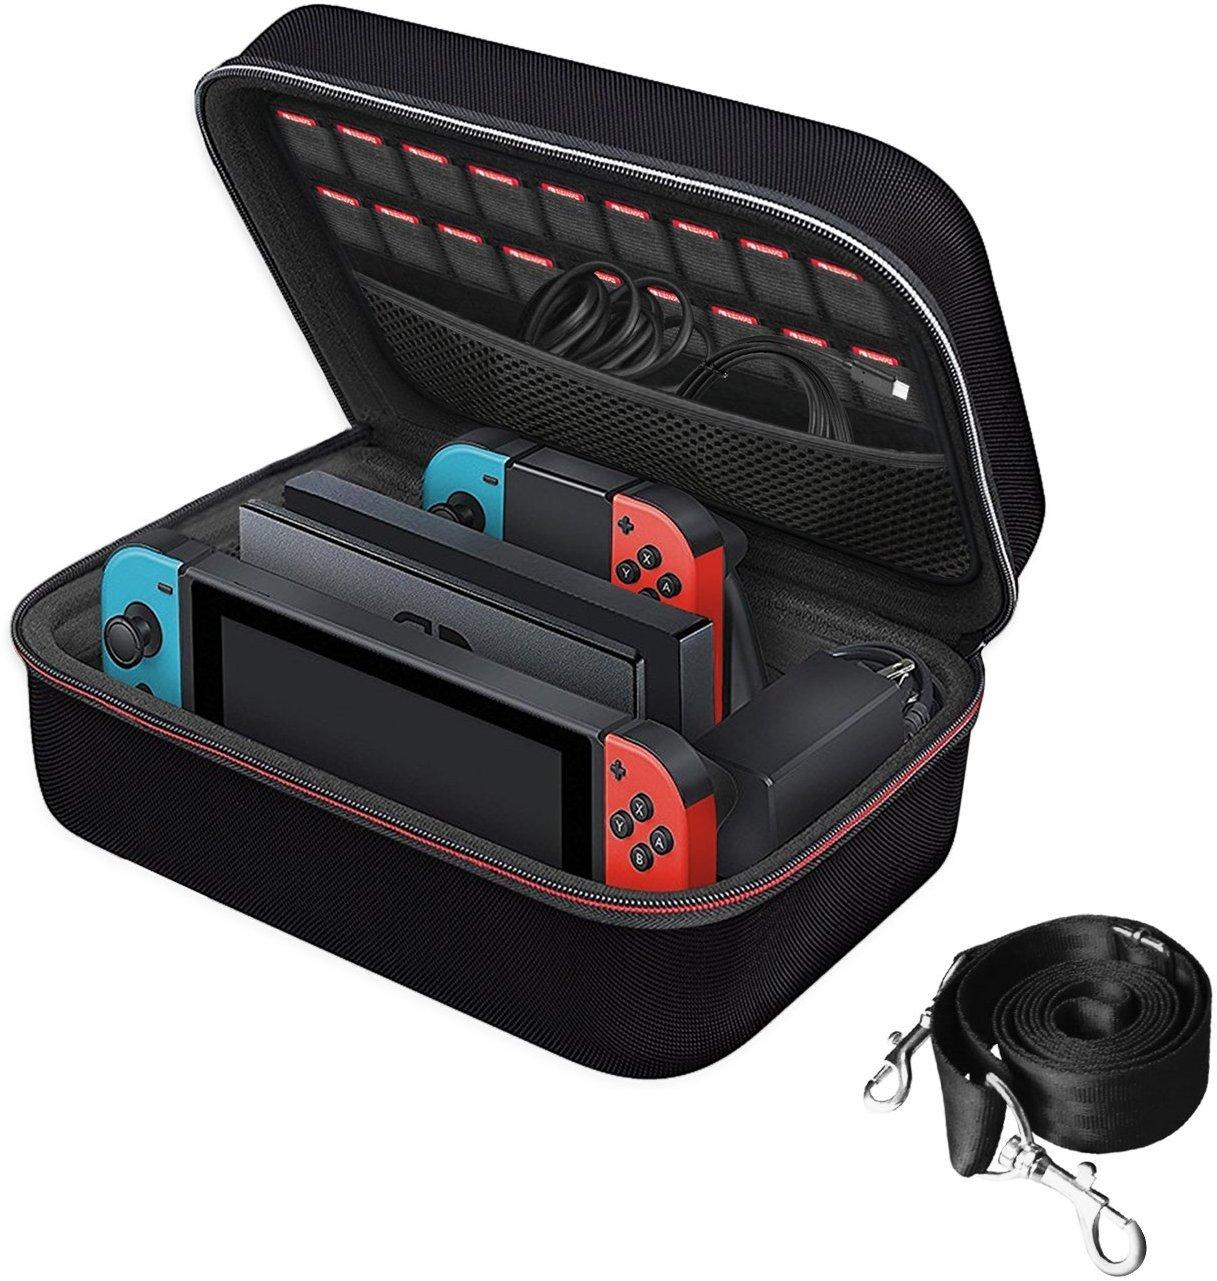 iVoler Funda para Nintendo Switch, Estuche Dura de Transporte de Lujo, Carcasa Rígida de Viaje para Consola, Adaptador AC, Joy-con Grip, Strap ...